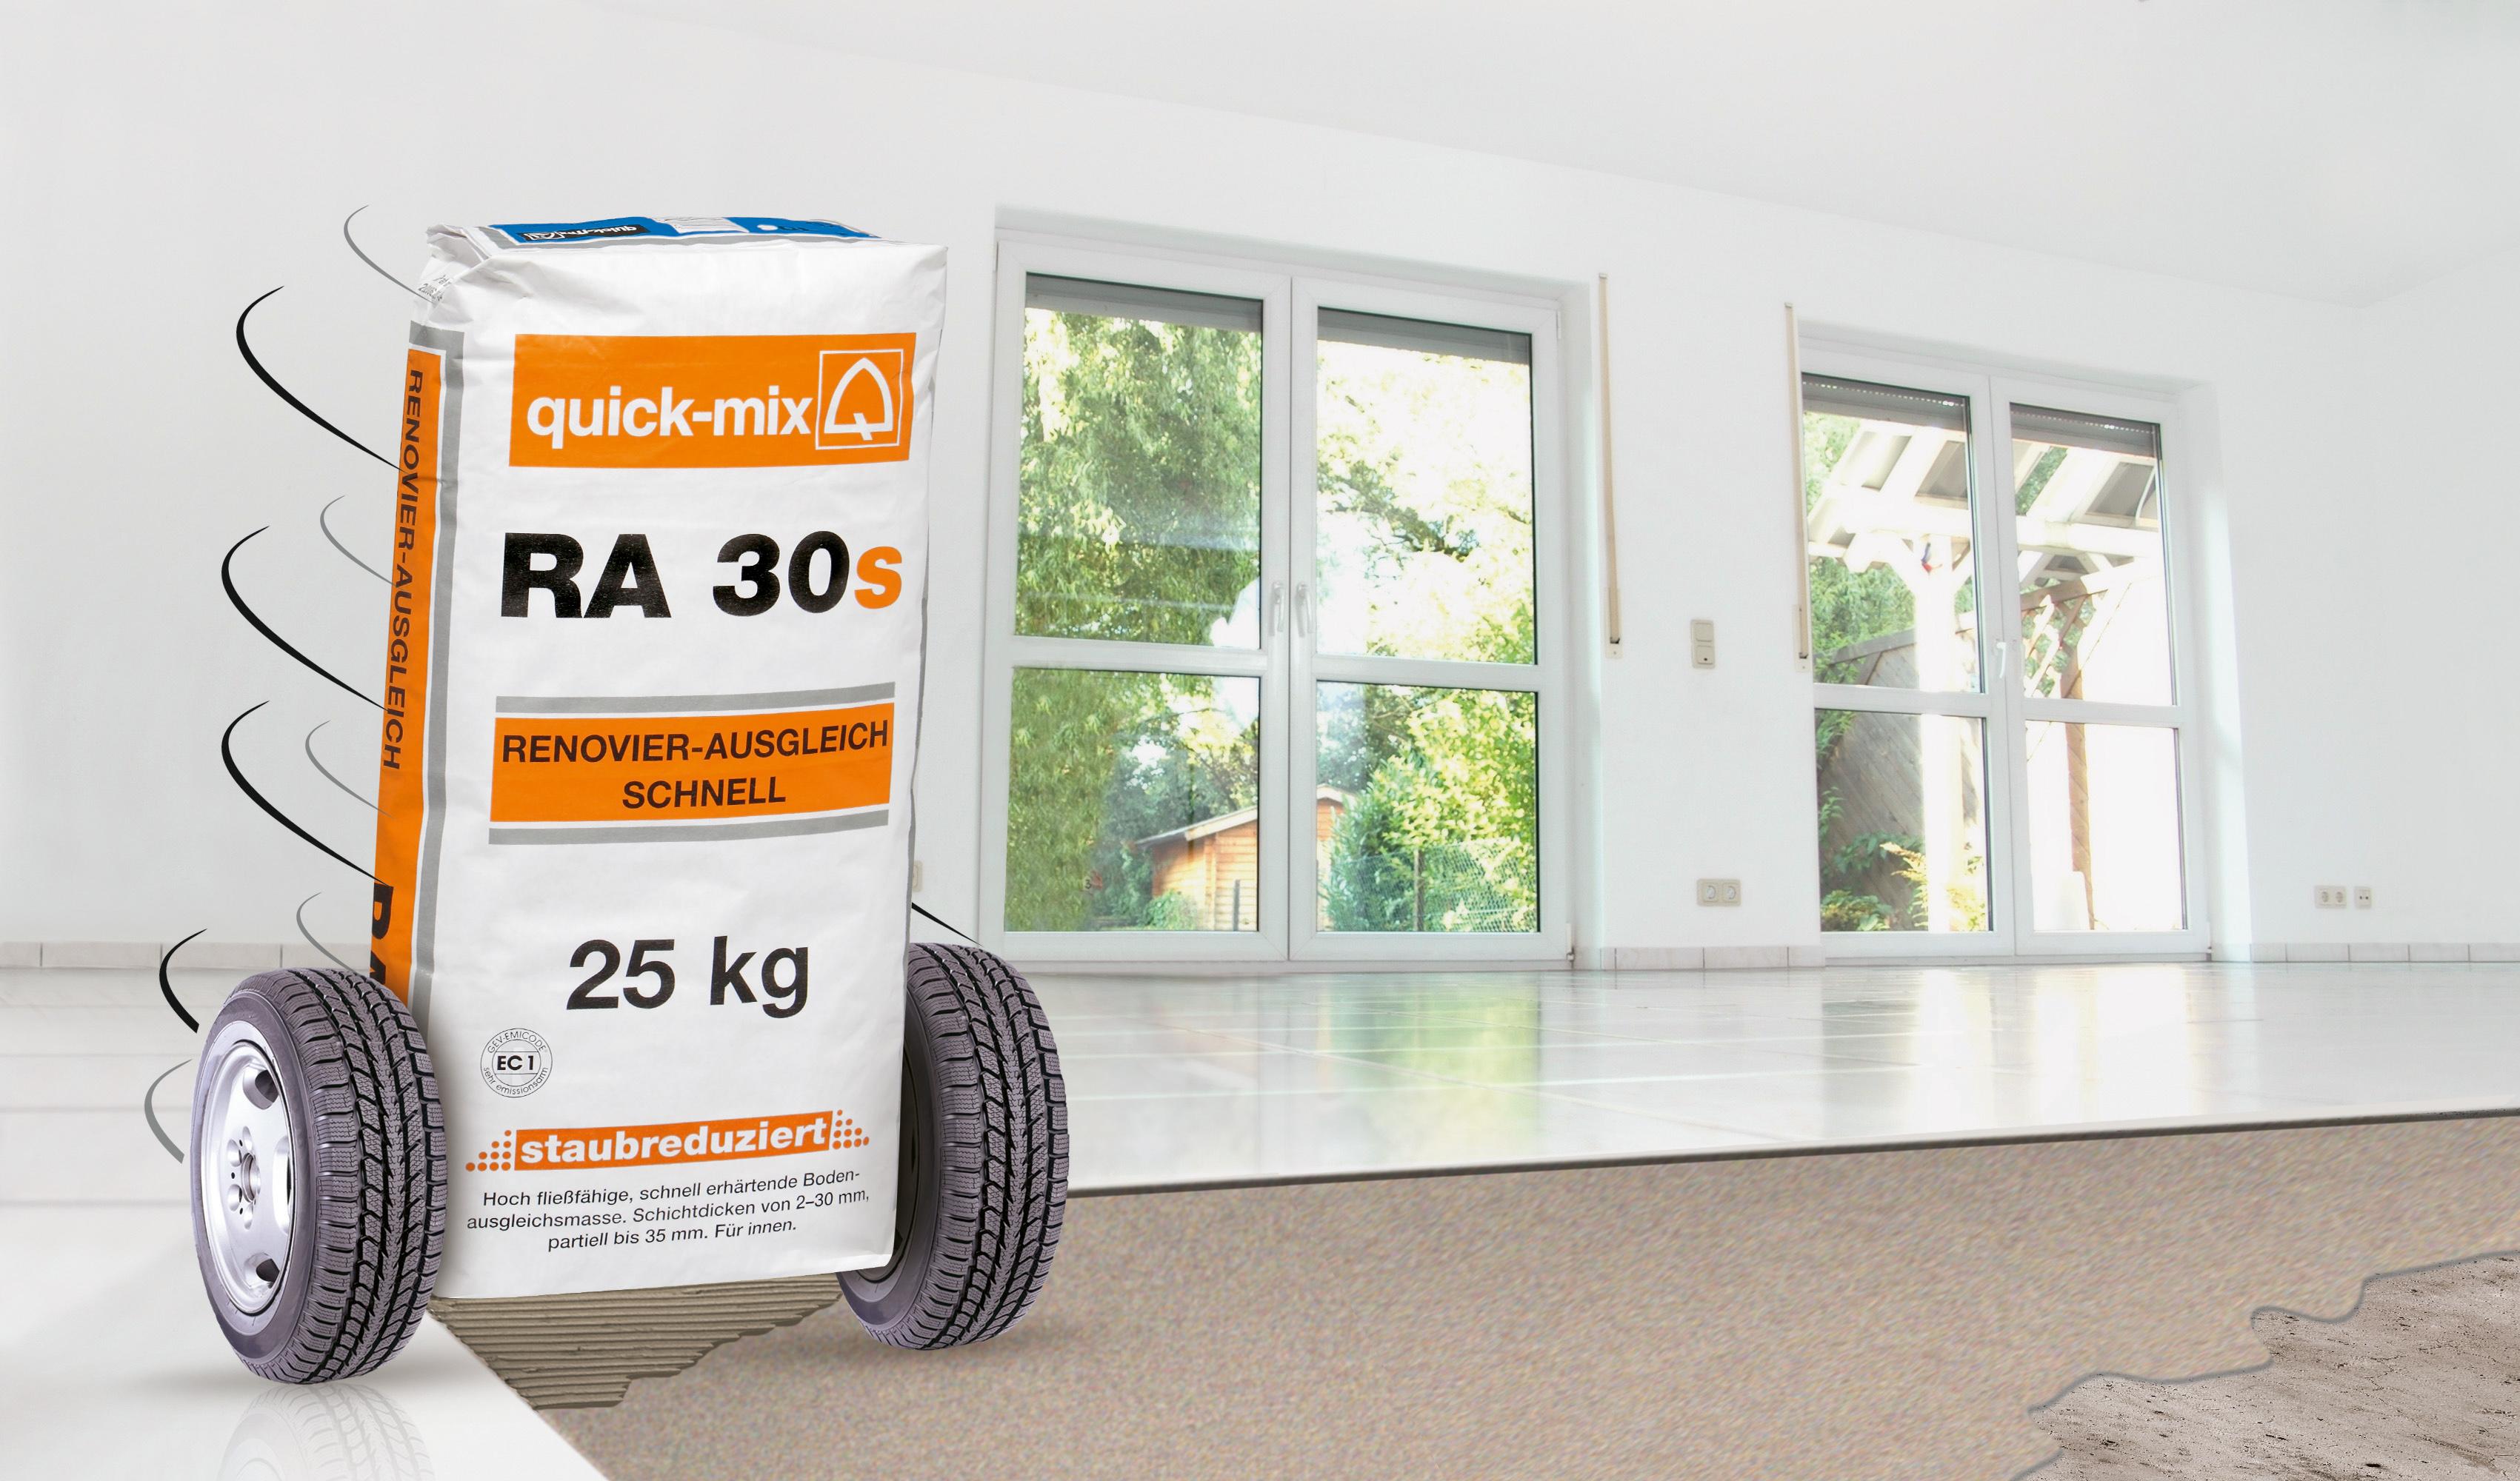 presseclub wollenberg frahm pr b ro f r presse und ffentlichkeitsarbeit. Black Bedroom Furniture Sets. Home Design Ideas